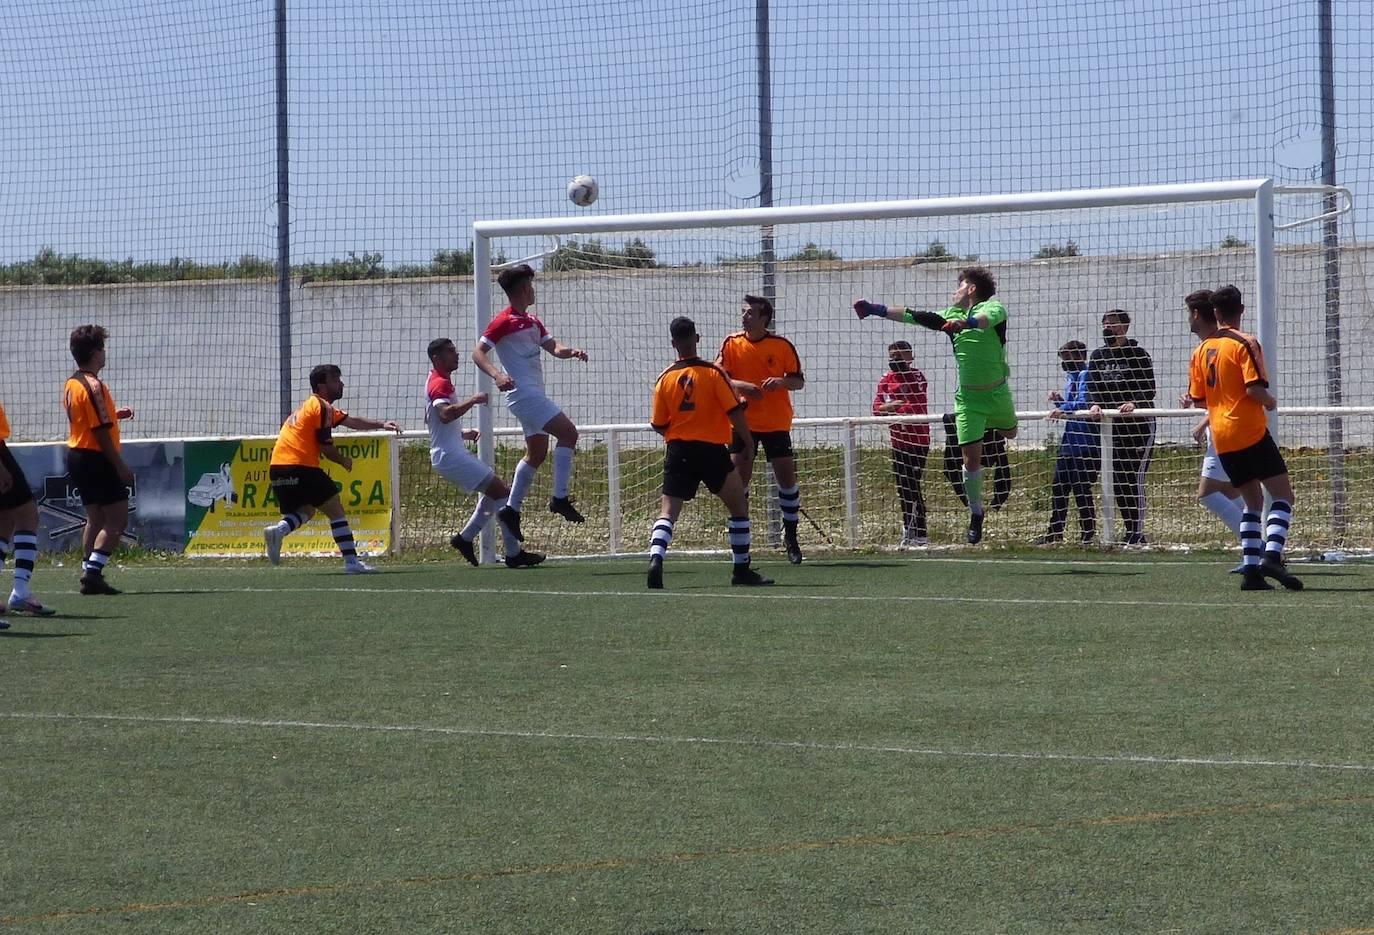 Los equipos del CD Castuera-Subastacar jugarán 6 partidos este fin de semana, 4 de ellos en casa